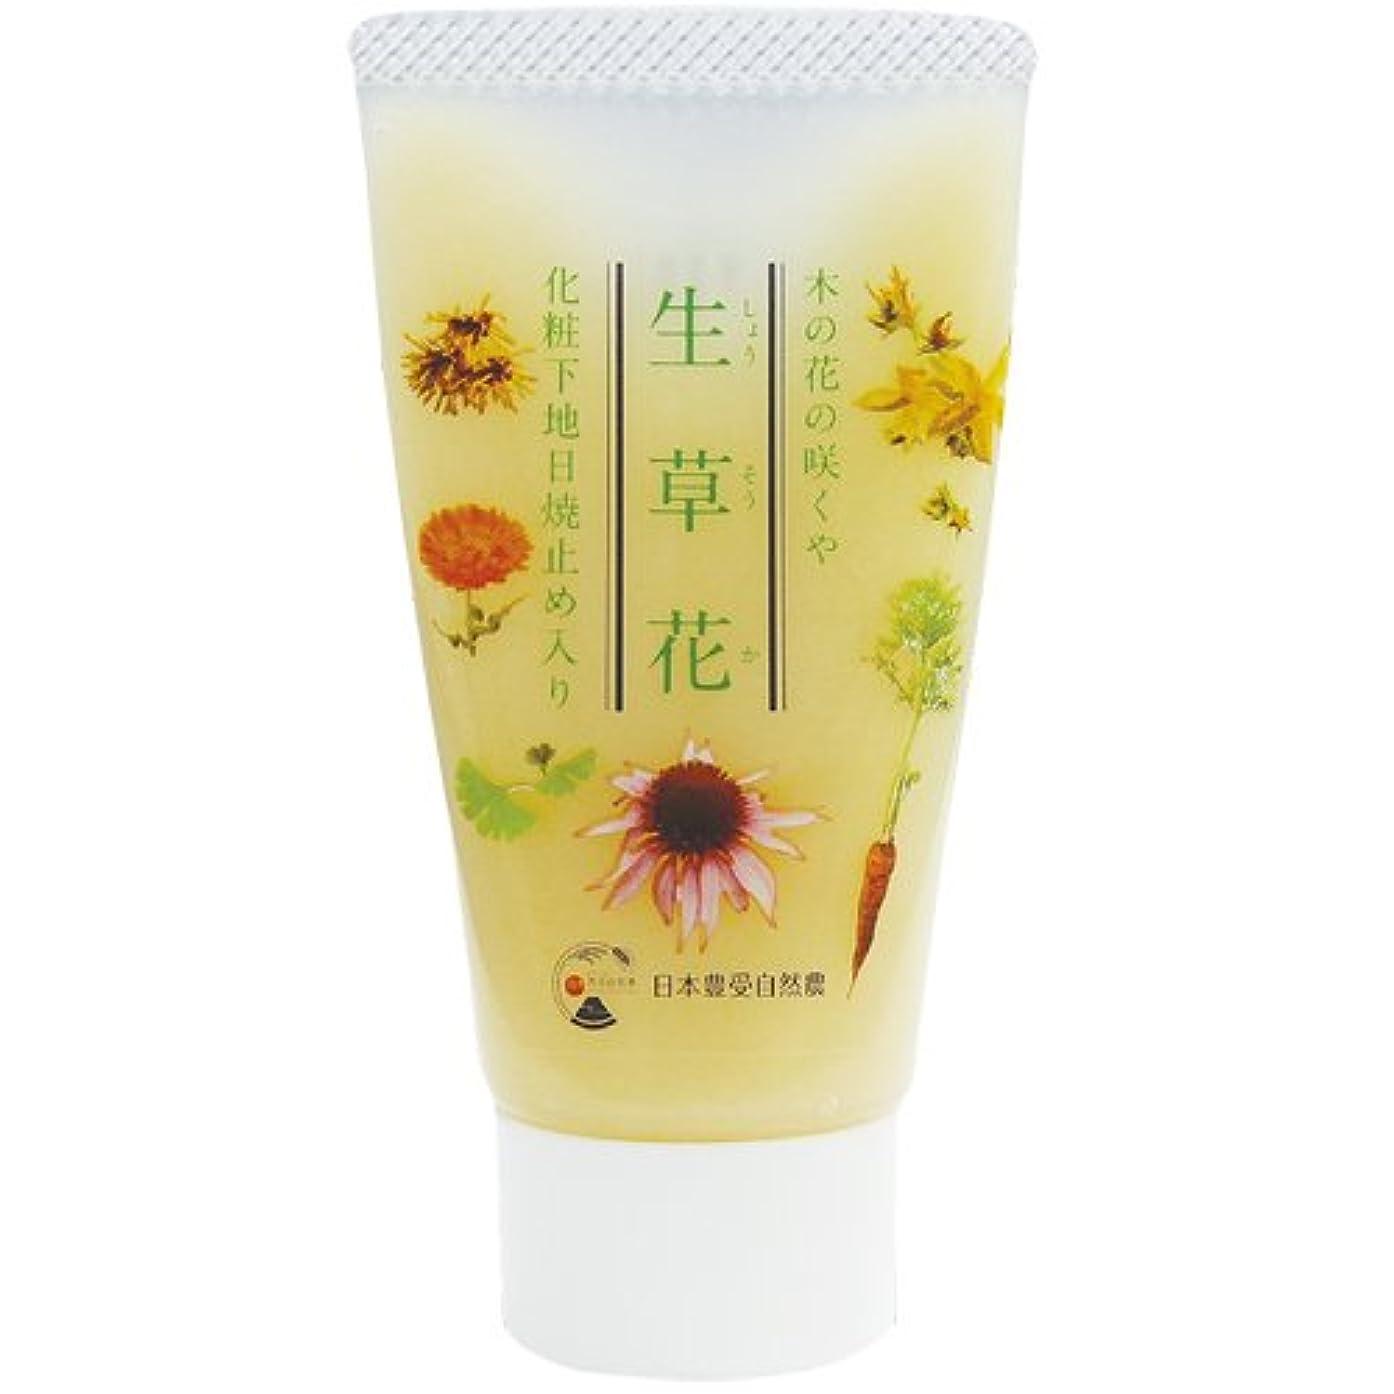 大騒ぎ怒って有名日本豊受自然農 木の花の咲くや 生草花 化粧下地 日焼け止め入り 30g